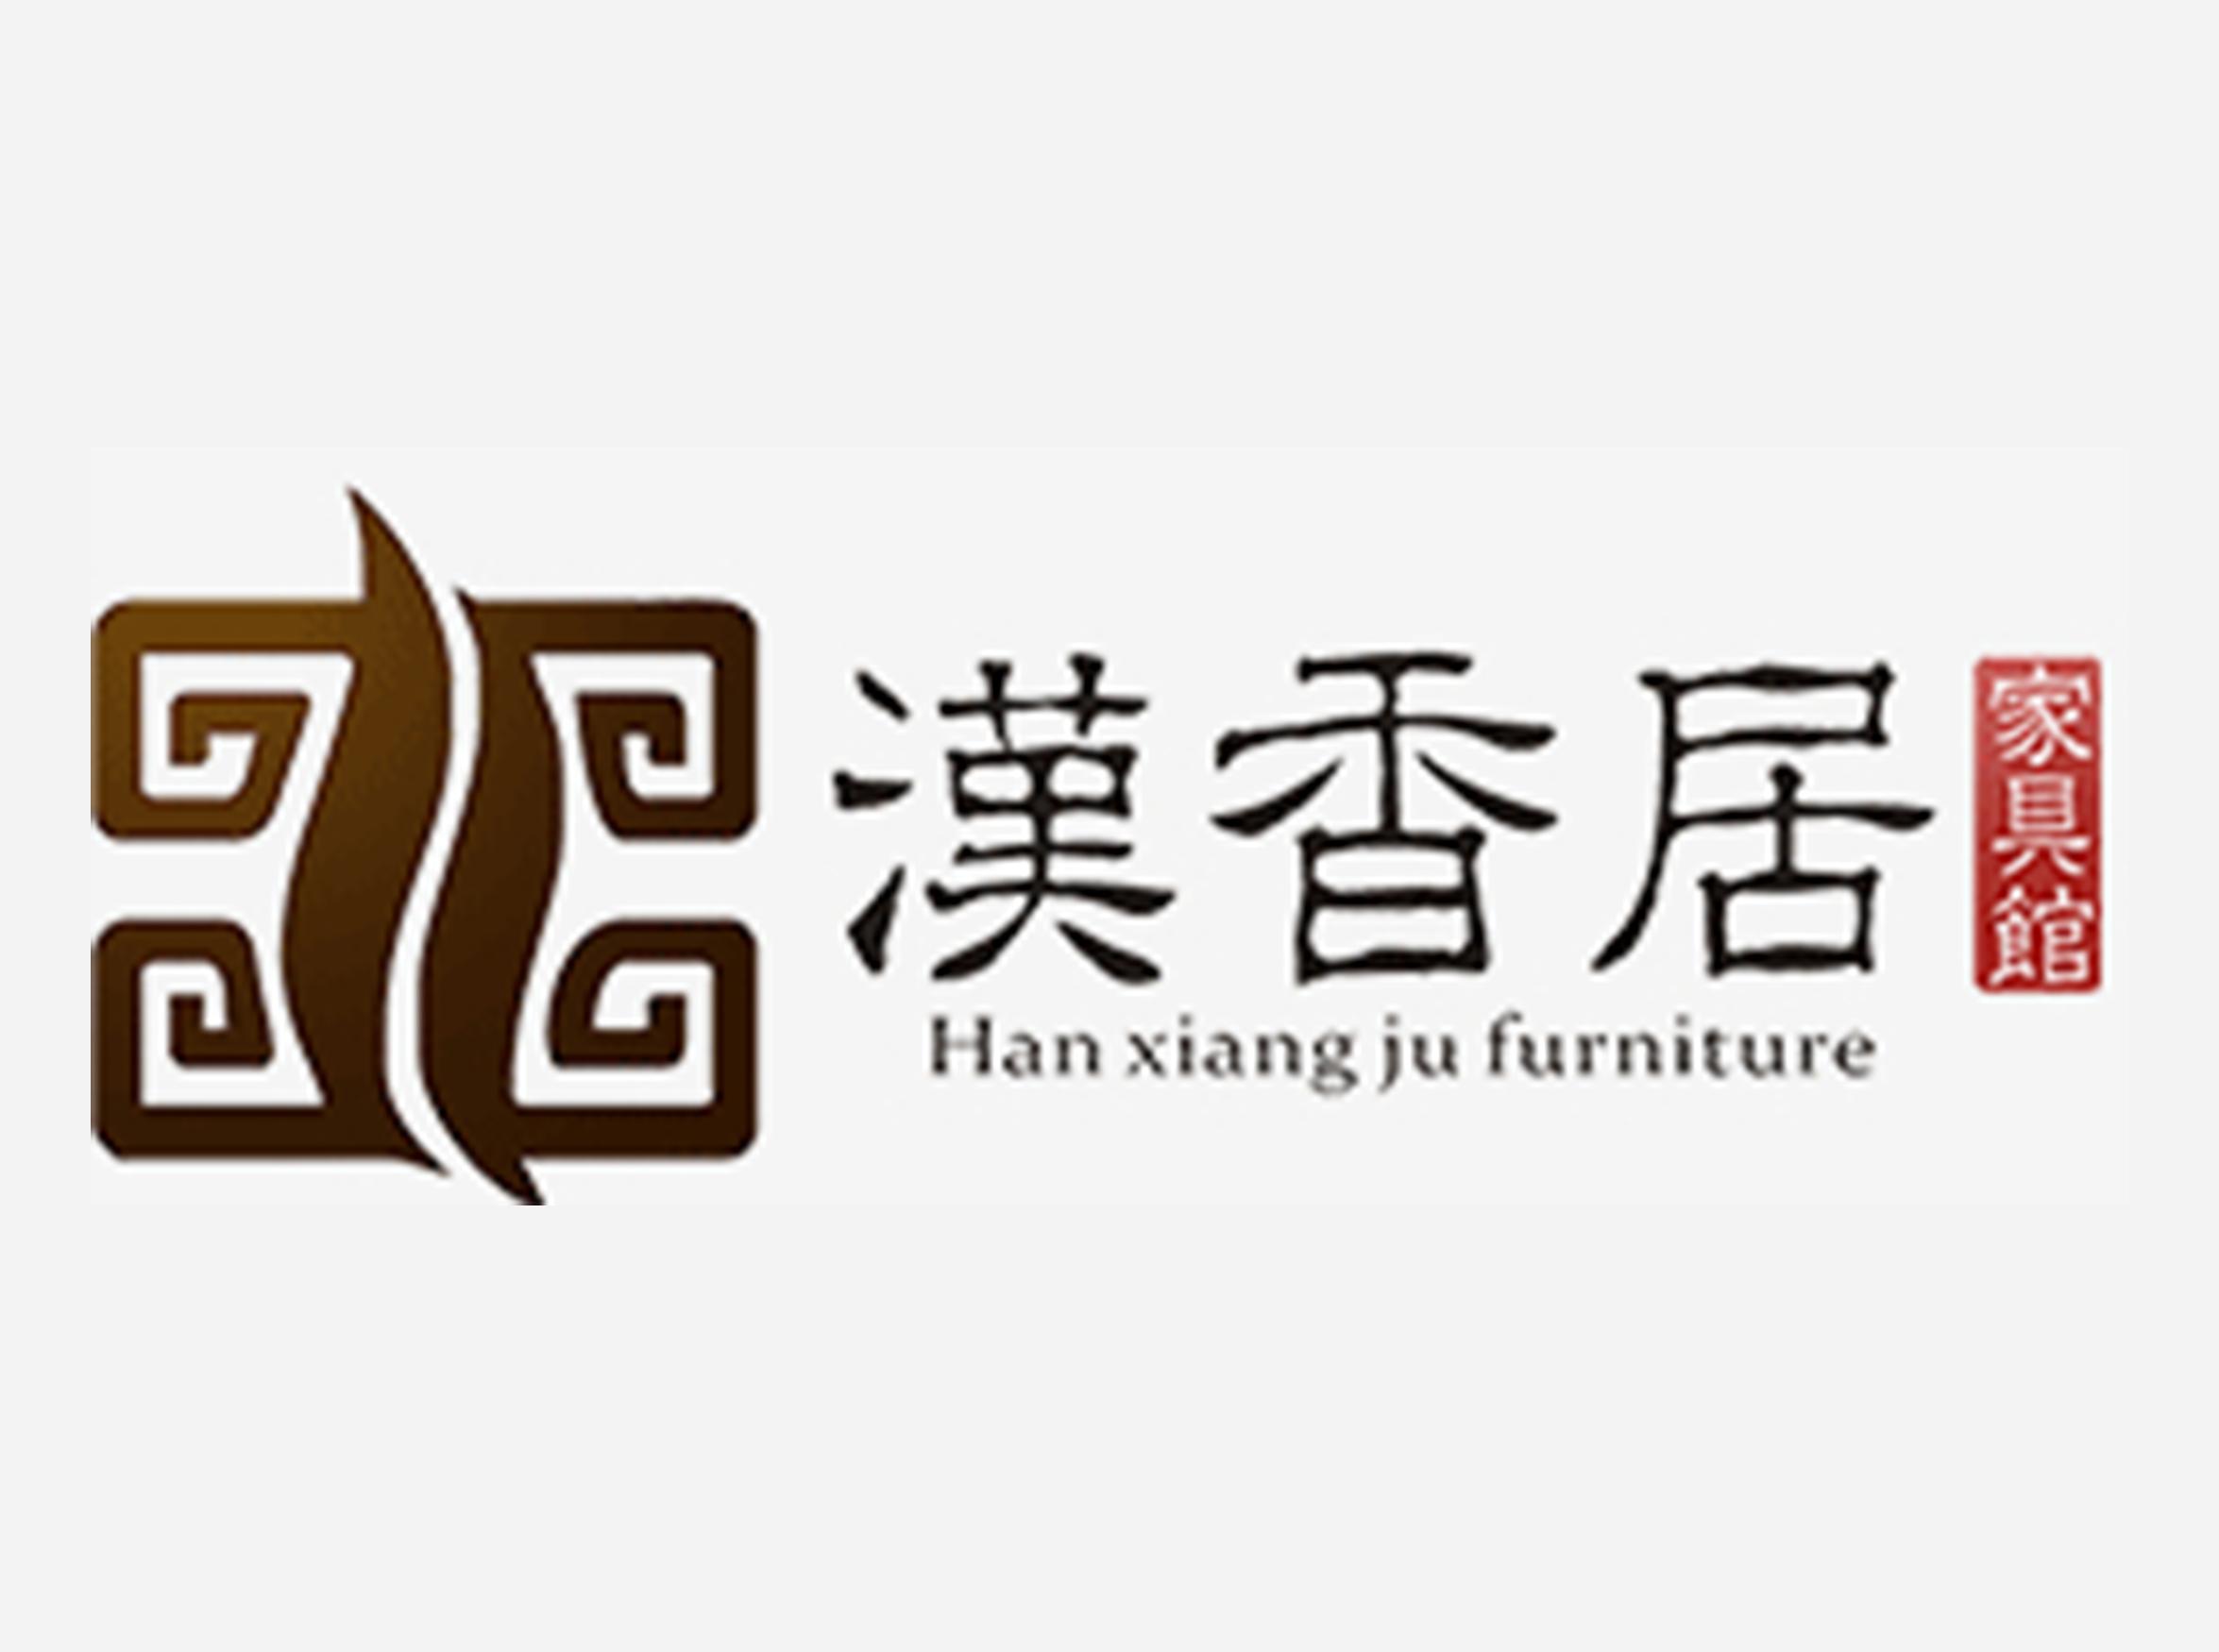 汉香居淘宝网店首页设计装修(苏州)